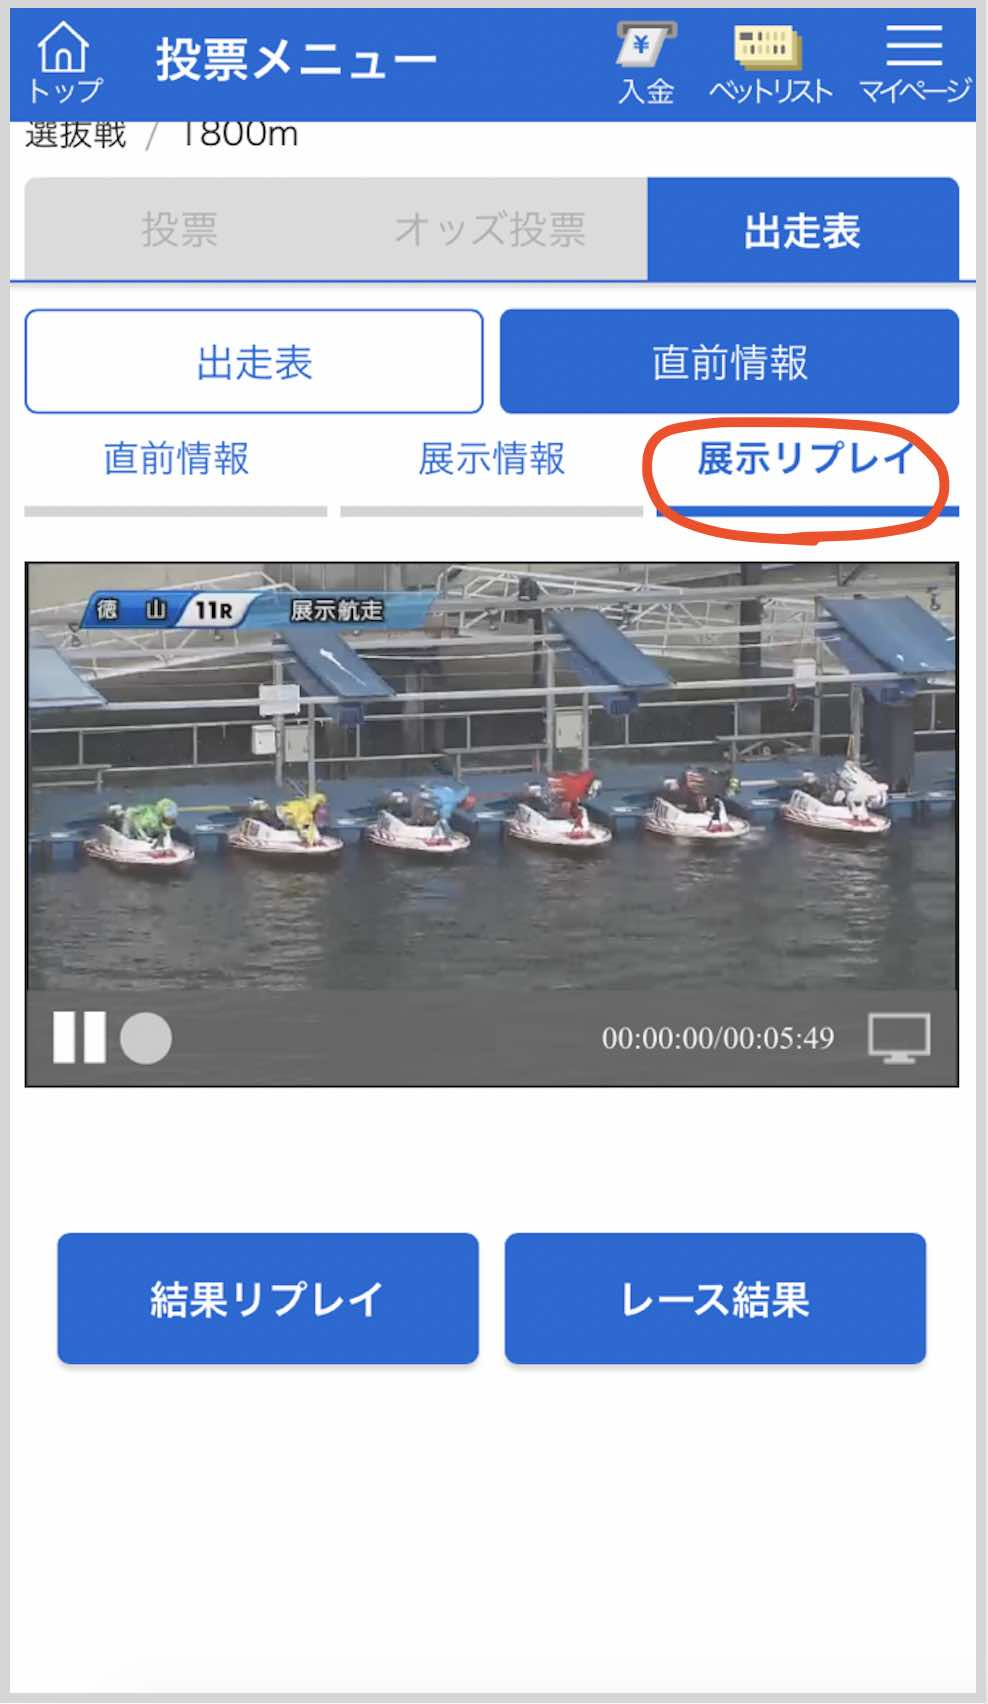 スマホ 版 ボート レース リプレイ TELEBOATスマートフォン版 レースリプレイ